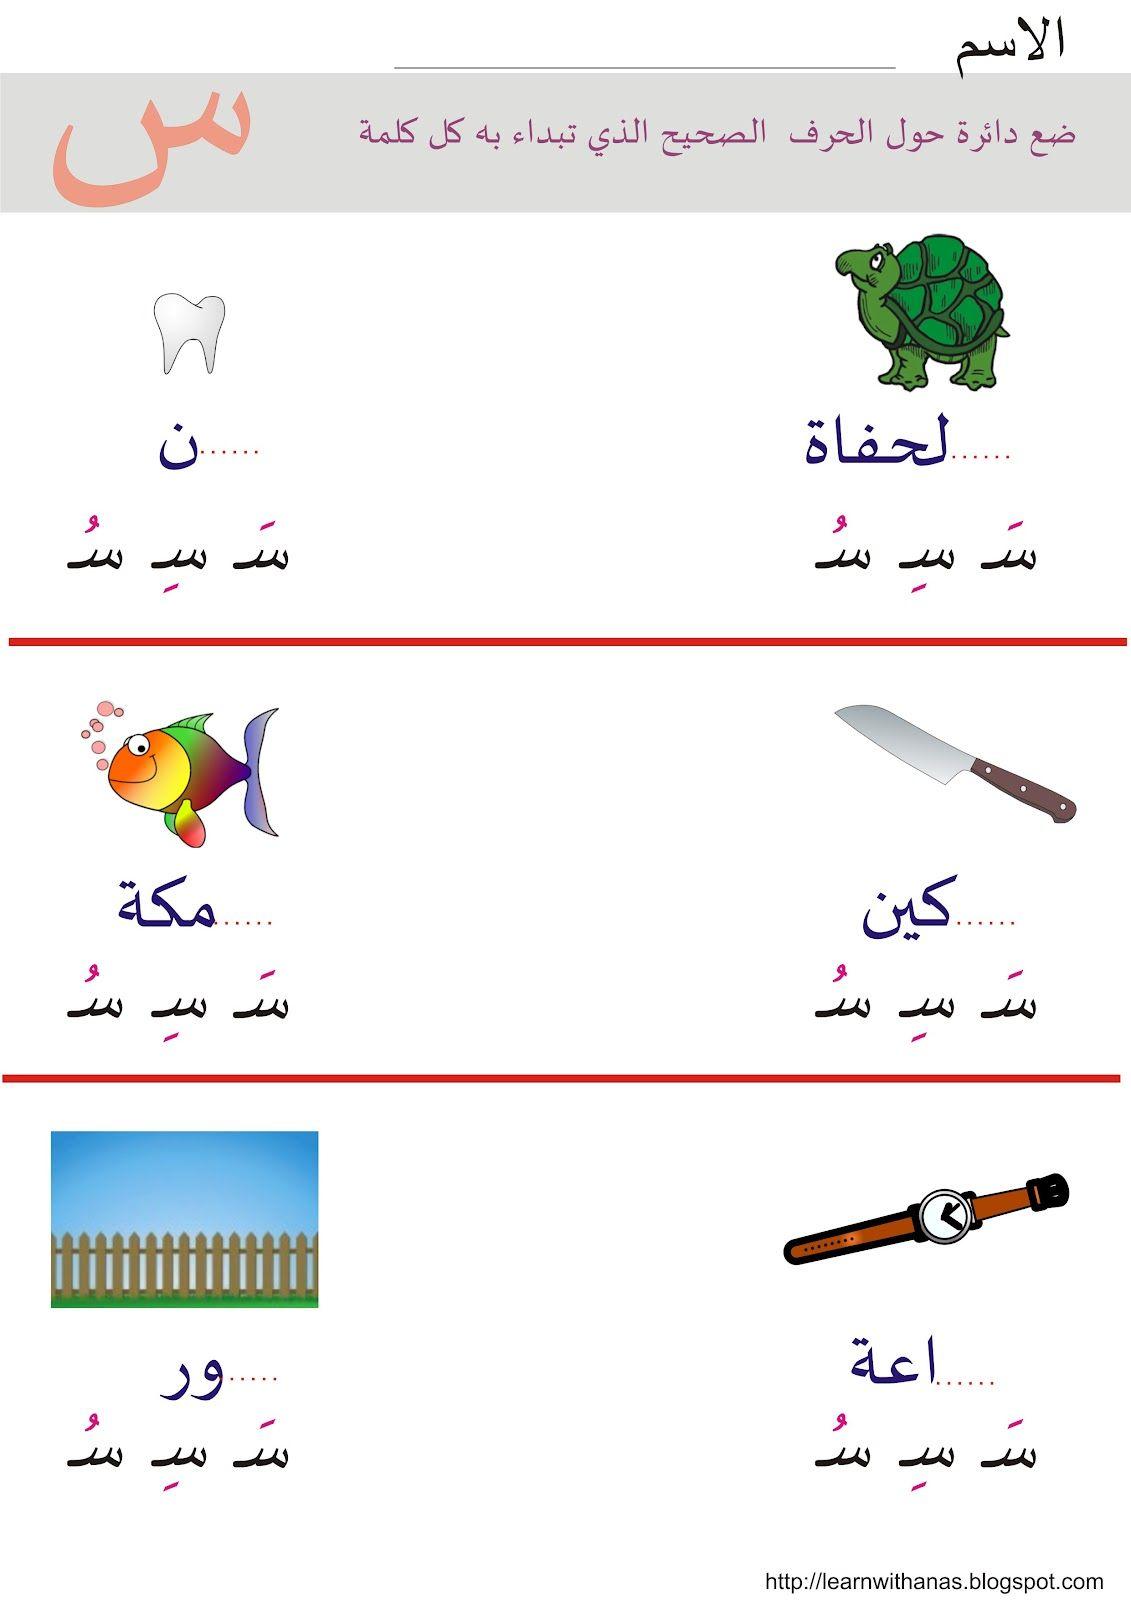 تعلم مع أنس أكتب وتتبع ولون الحرف س Arabic Alphabet For Kids Learning Arabic Arabic Lessons